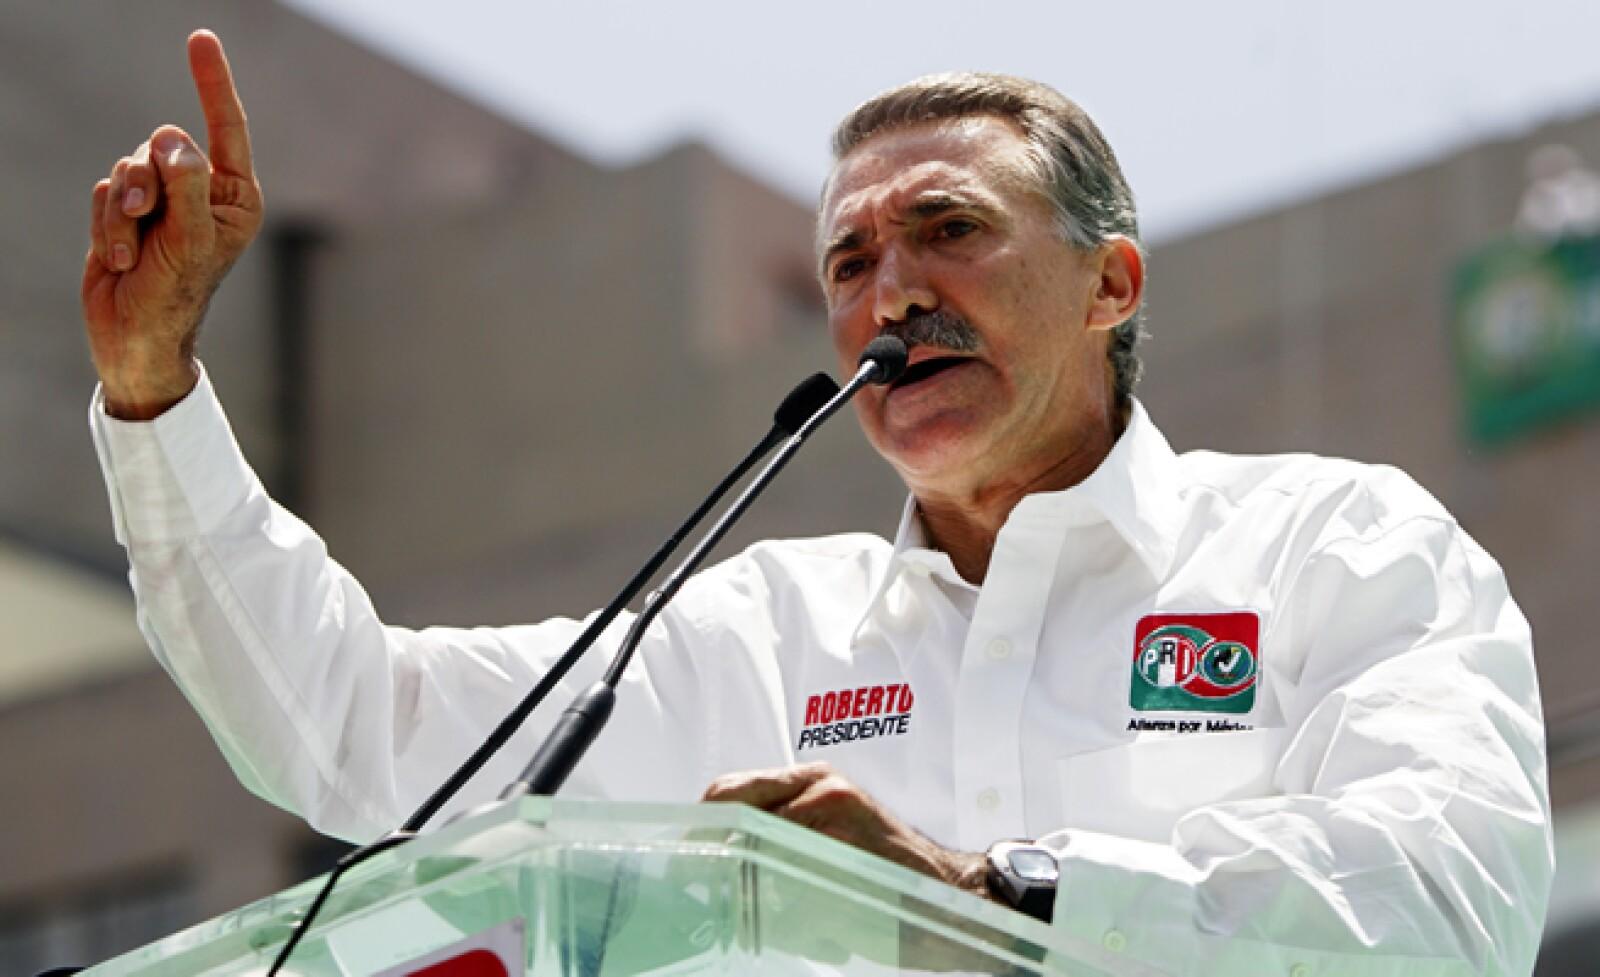 El tercer lugar en los comicios de 2006 actualmente respalda la candidatura e Enrique Peña, aunque sin mantener una vida activa en la política.